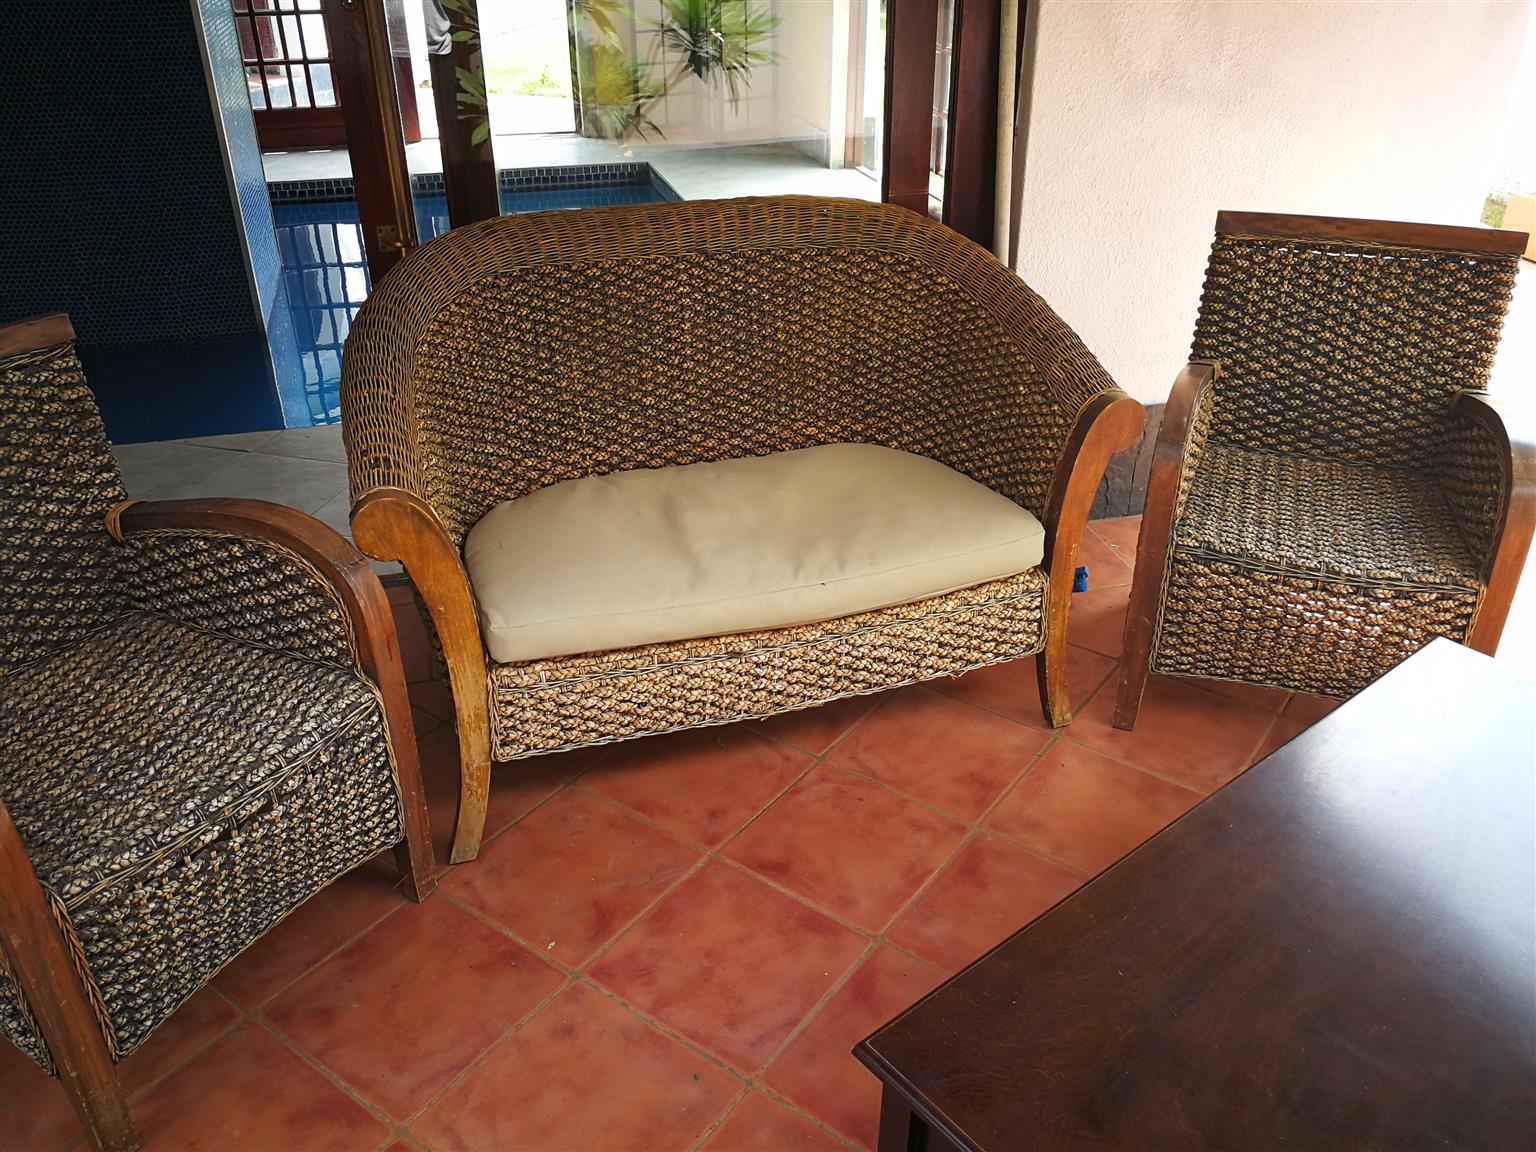 3 piece patio furniture